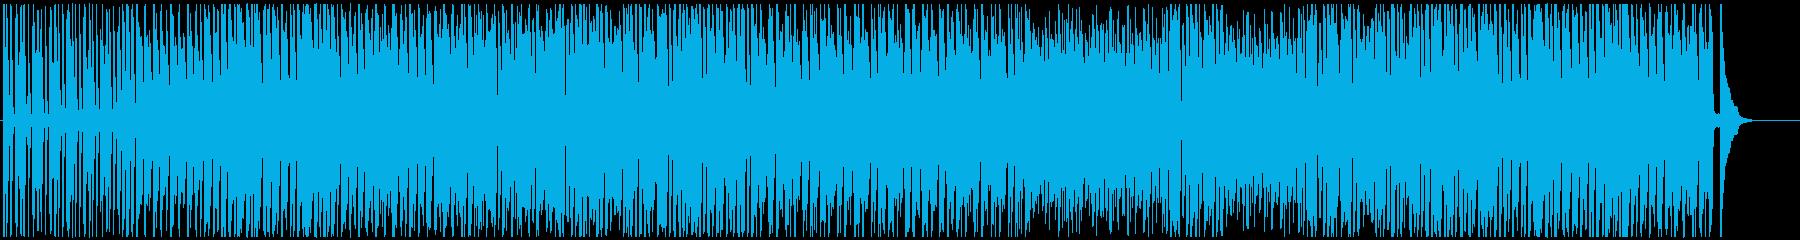 軽快なテーマパークピアノジャズ♫の再生済みの波形